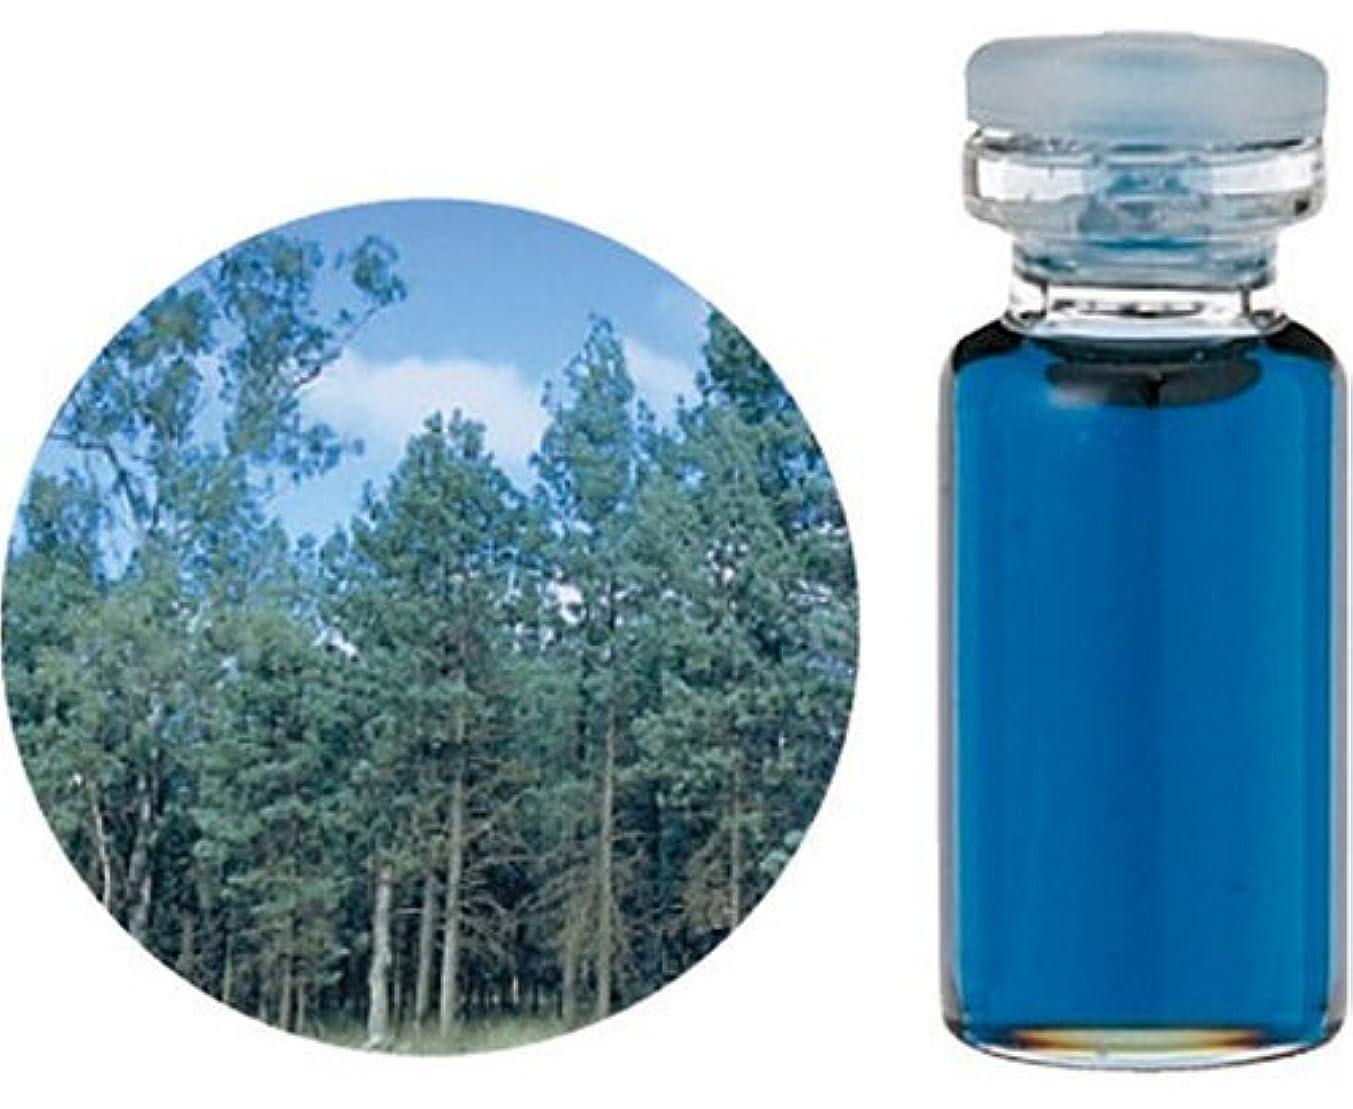 転送霧深い非行生活の木 C ブルー サイプレス エッセンシャルオイル 3ml オイル